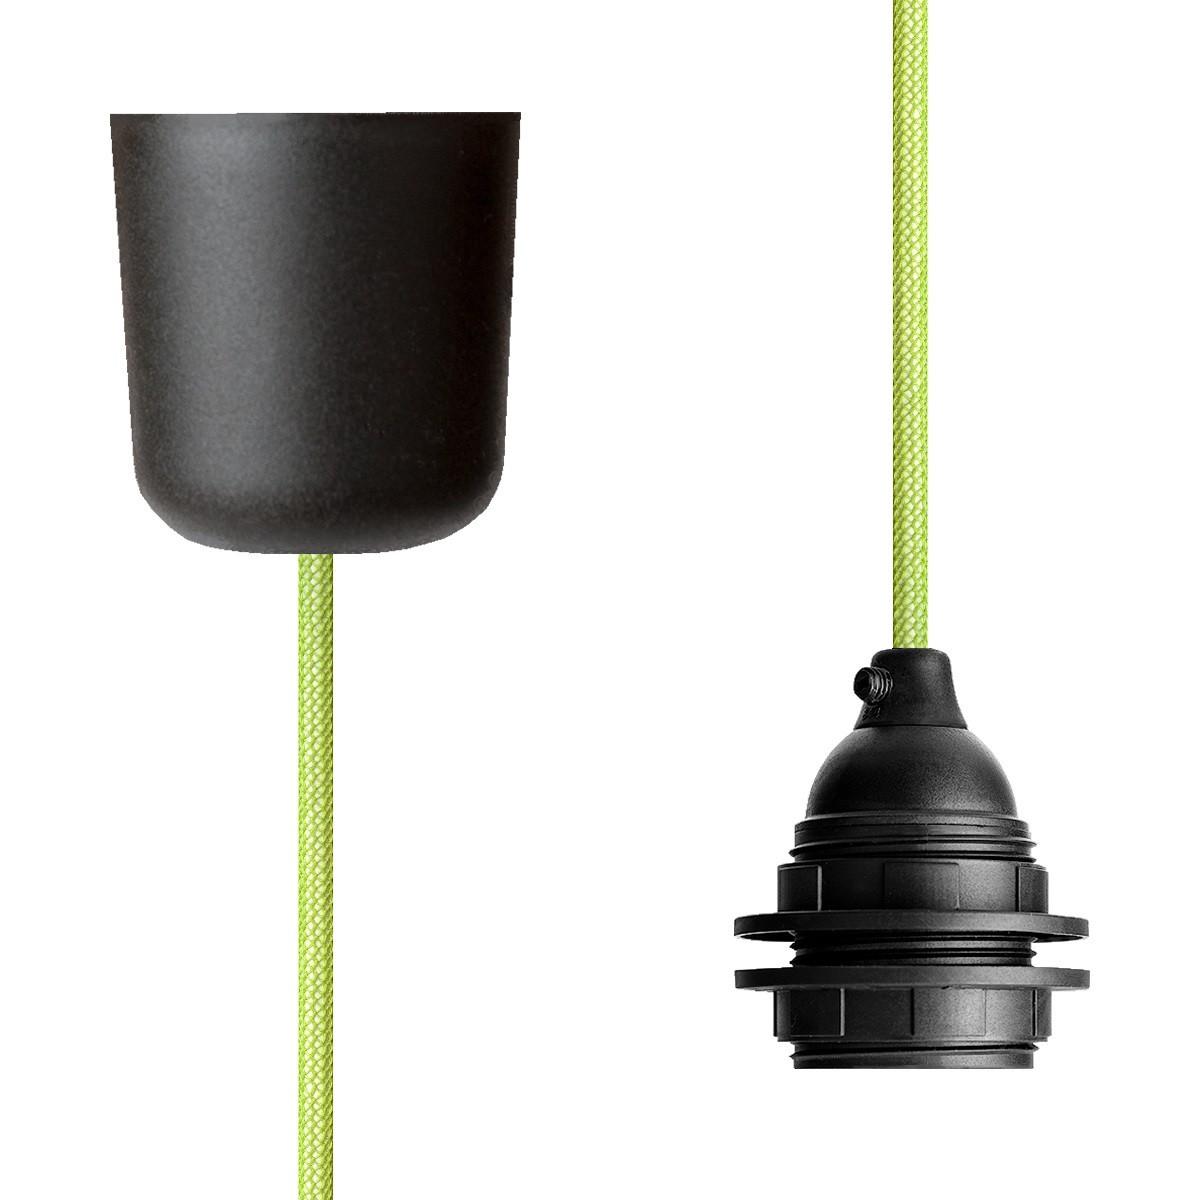 Pendant Lamp Plastic Light Green Netlike